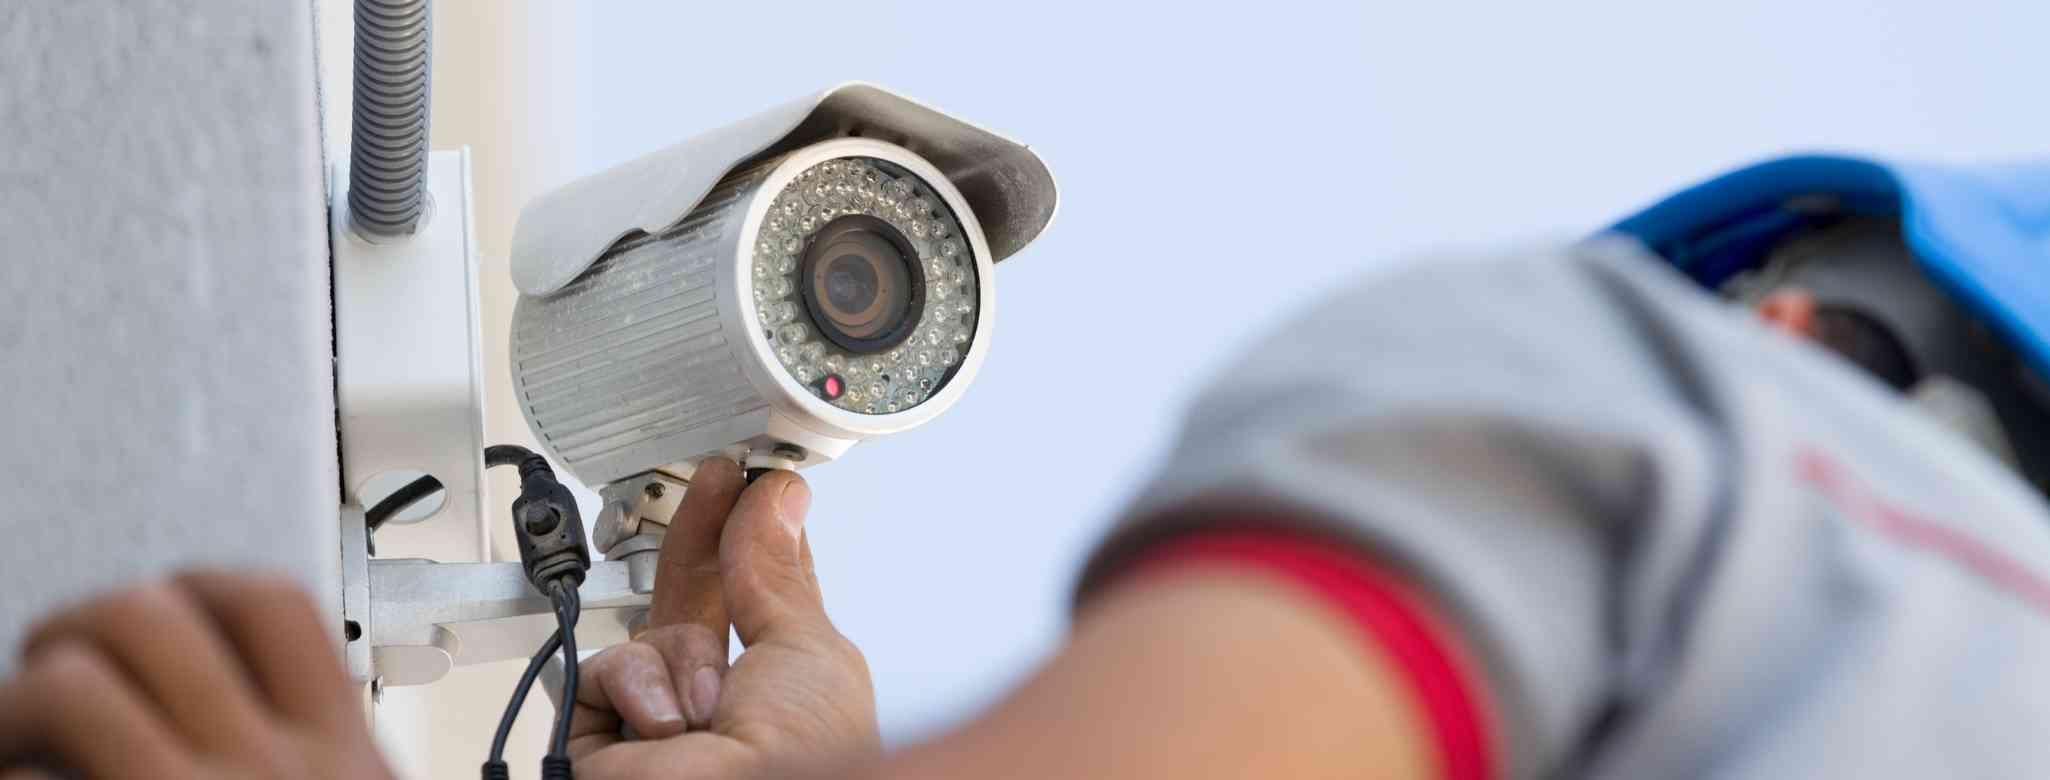 כיצד מתבצעת התקנת מצלמה